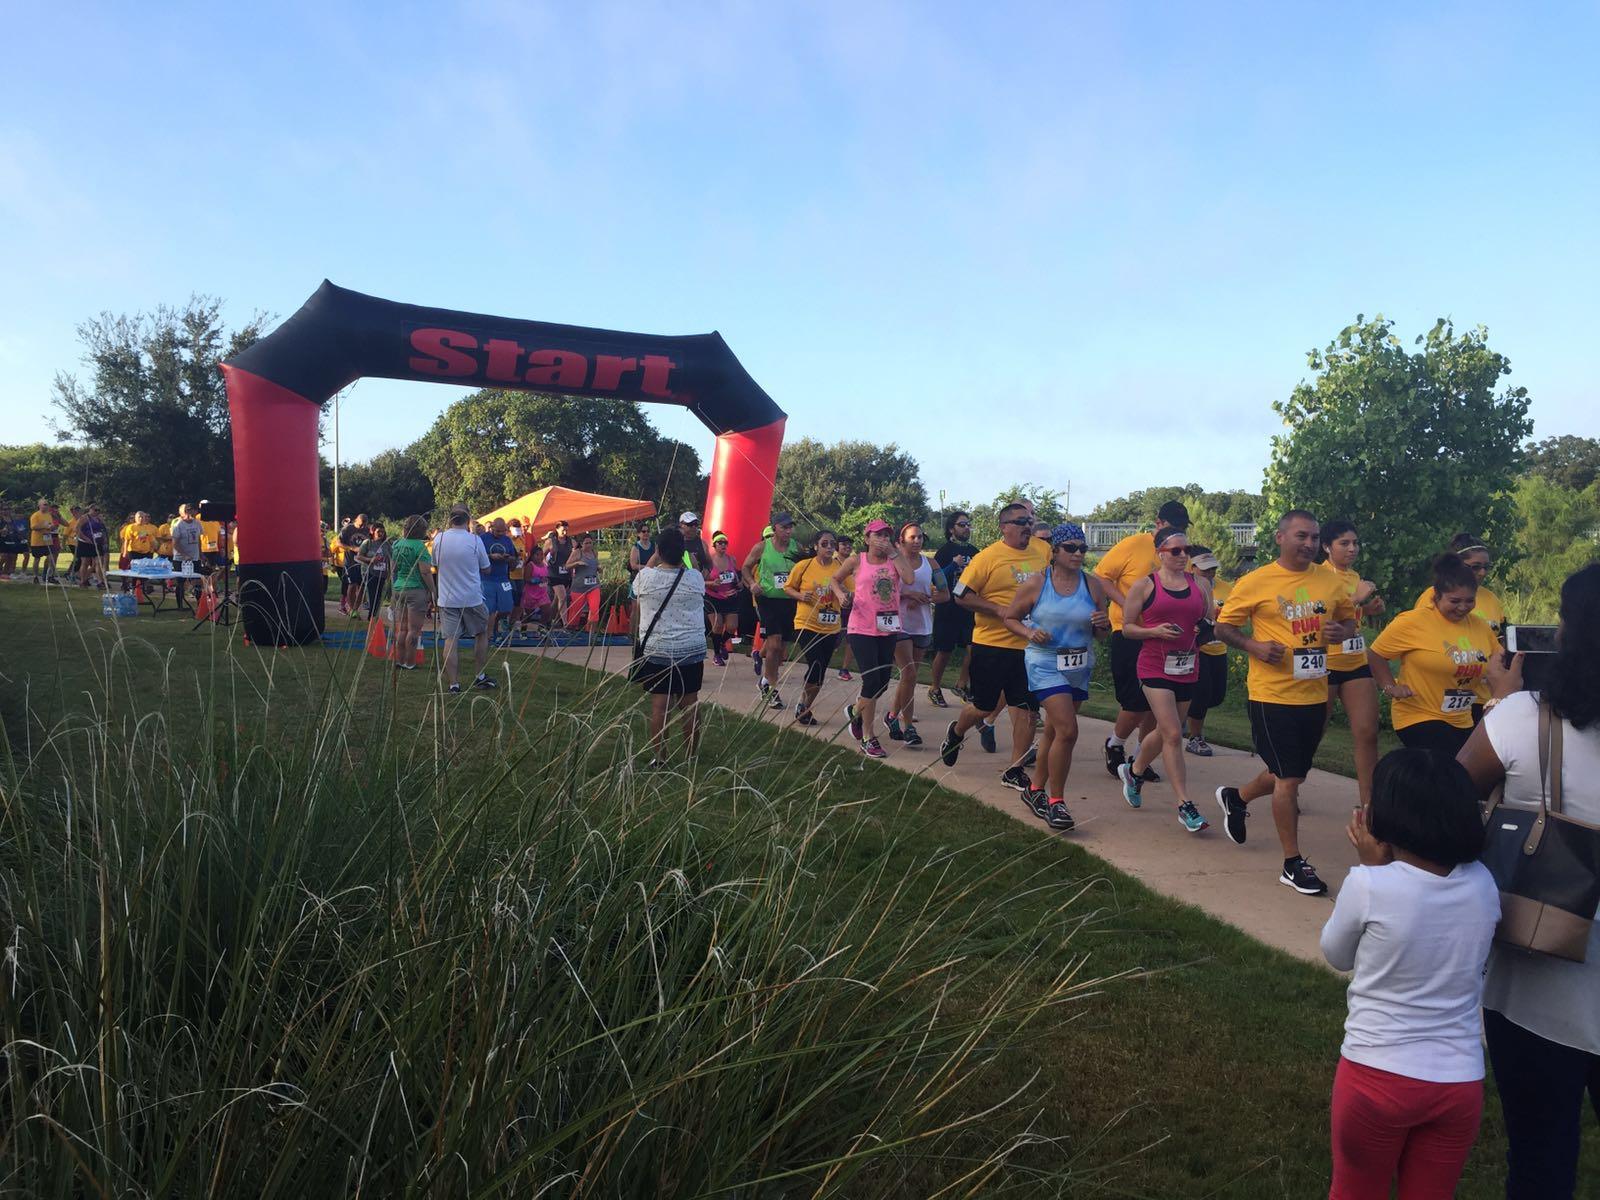 El Grito Run 5k San Antonio Tx 2017 Active